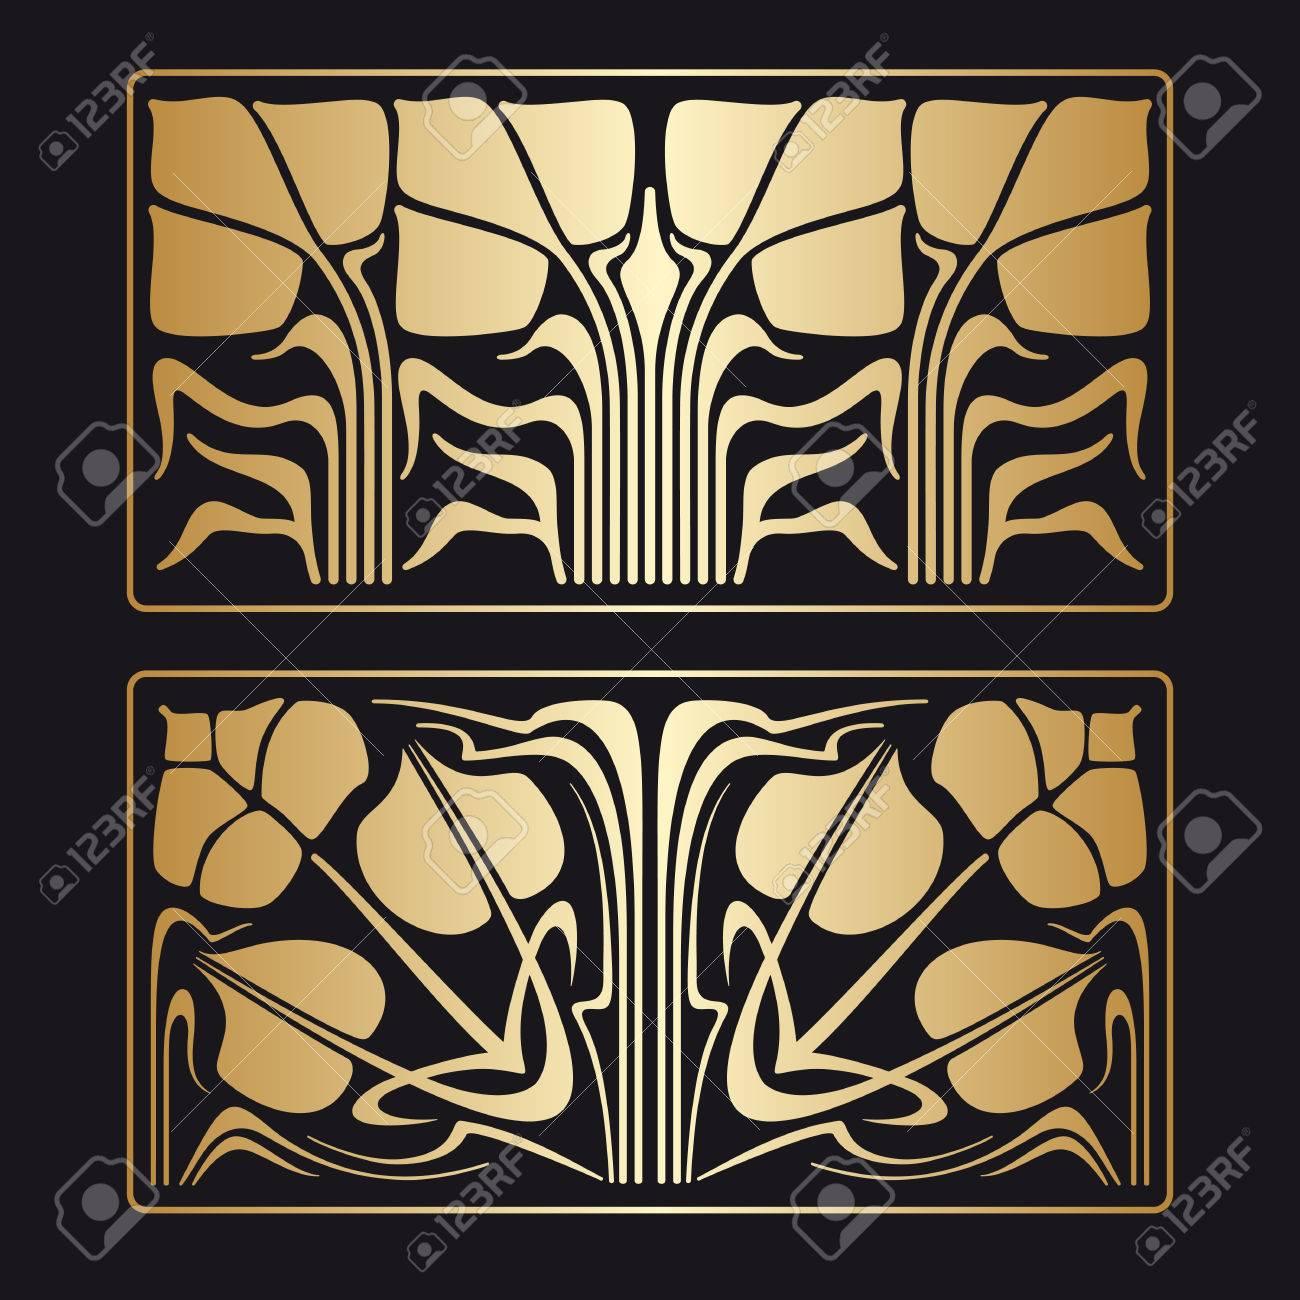 Deko Ornament.Vector Art Deco Floral Golden Ornament On Black